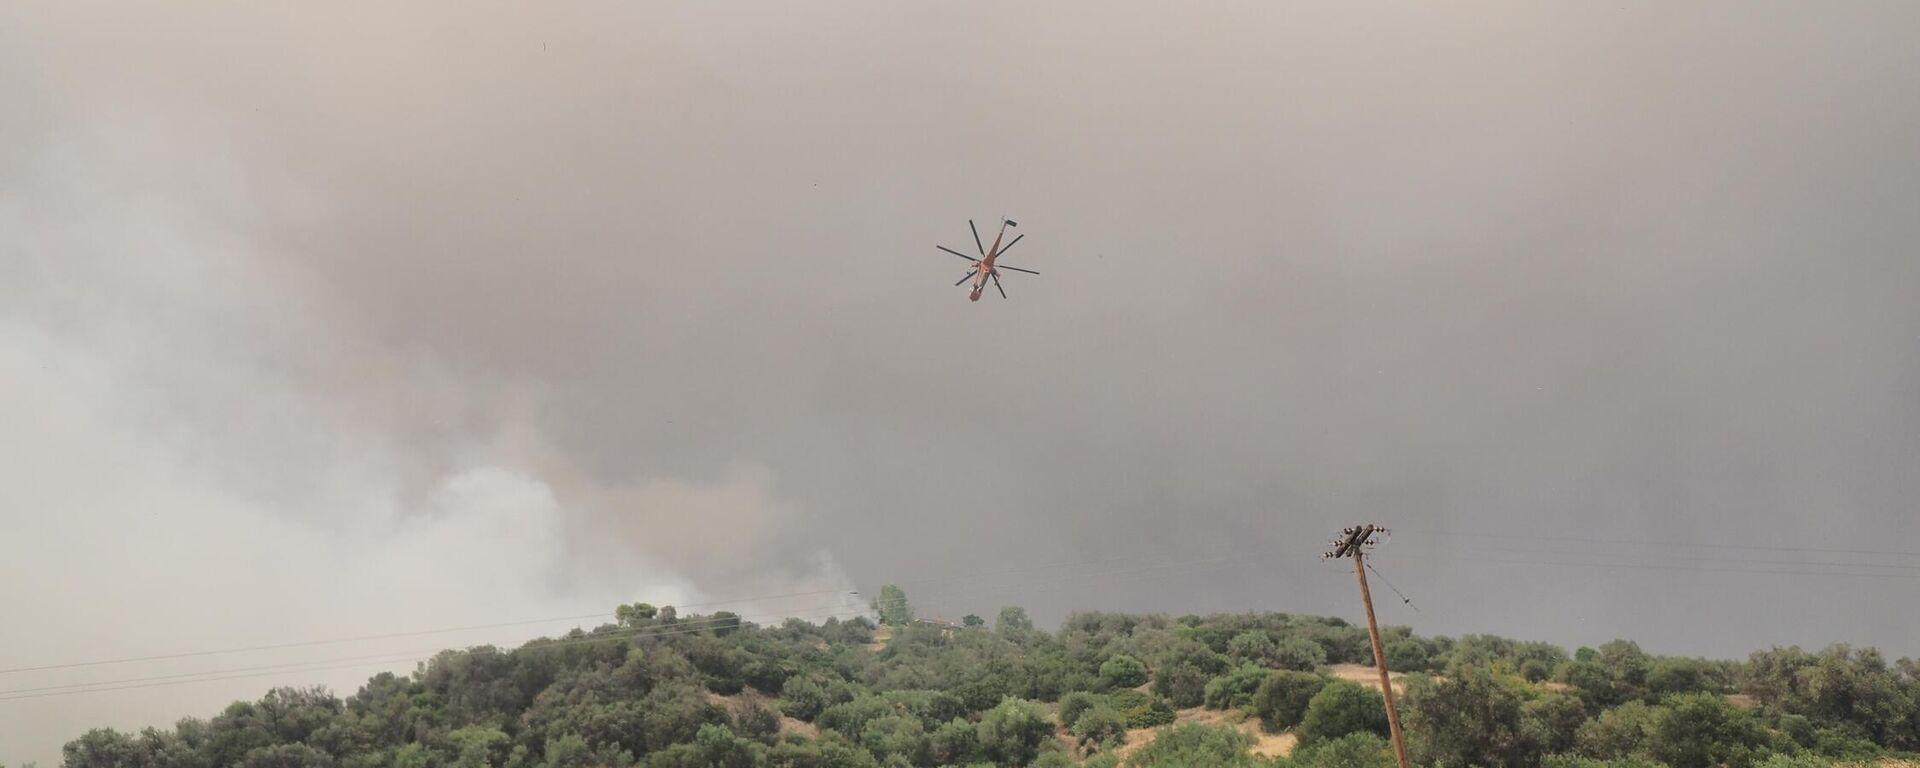 Κατάσβεση πυρκαγιάς στη Λίμνη Ευβοίας, 4 Αυγούστου 2021. - Sputnik Ελλάδα, 1920, 05.08.2021